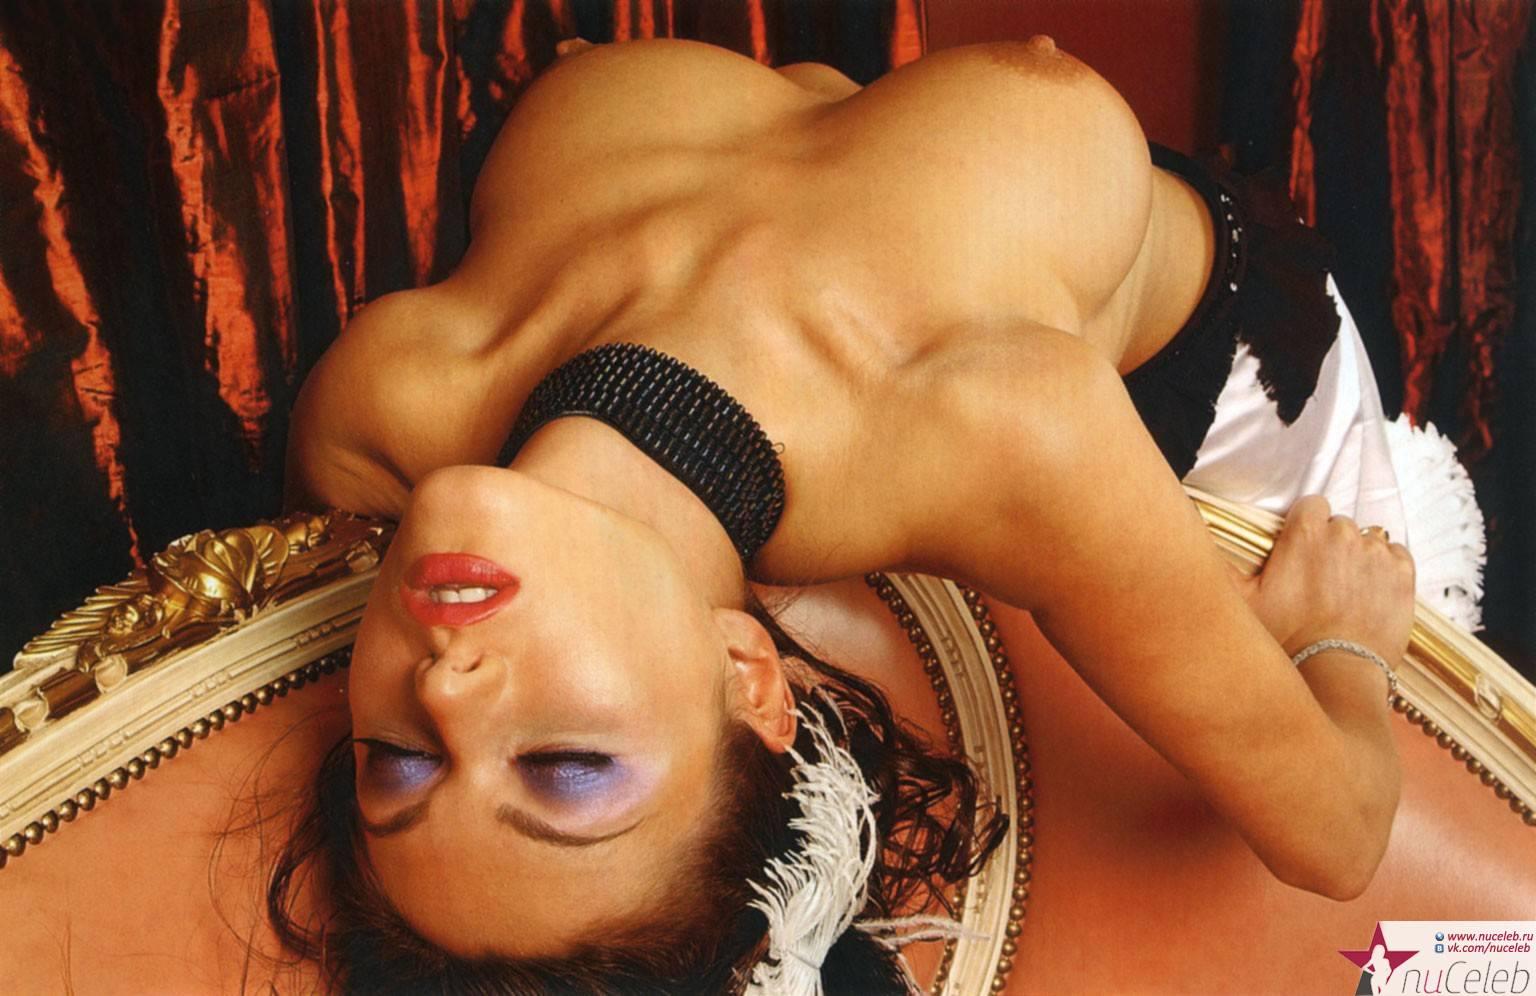 Русские артистки эротические фото, Голые знаменитости - российские голые звезды фото 26 фотография